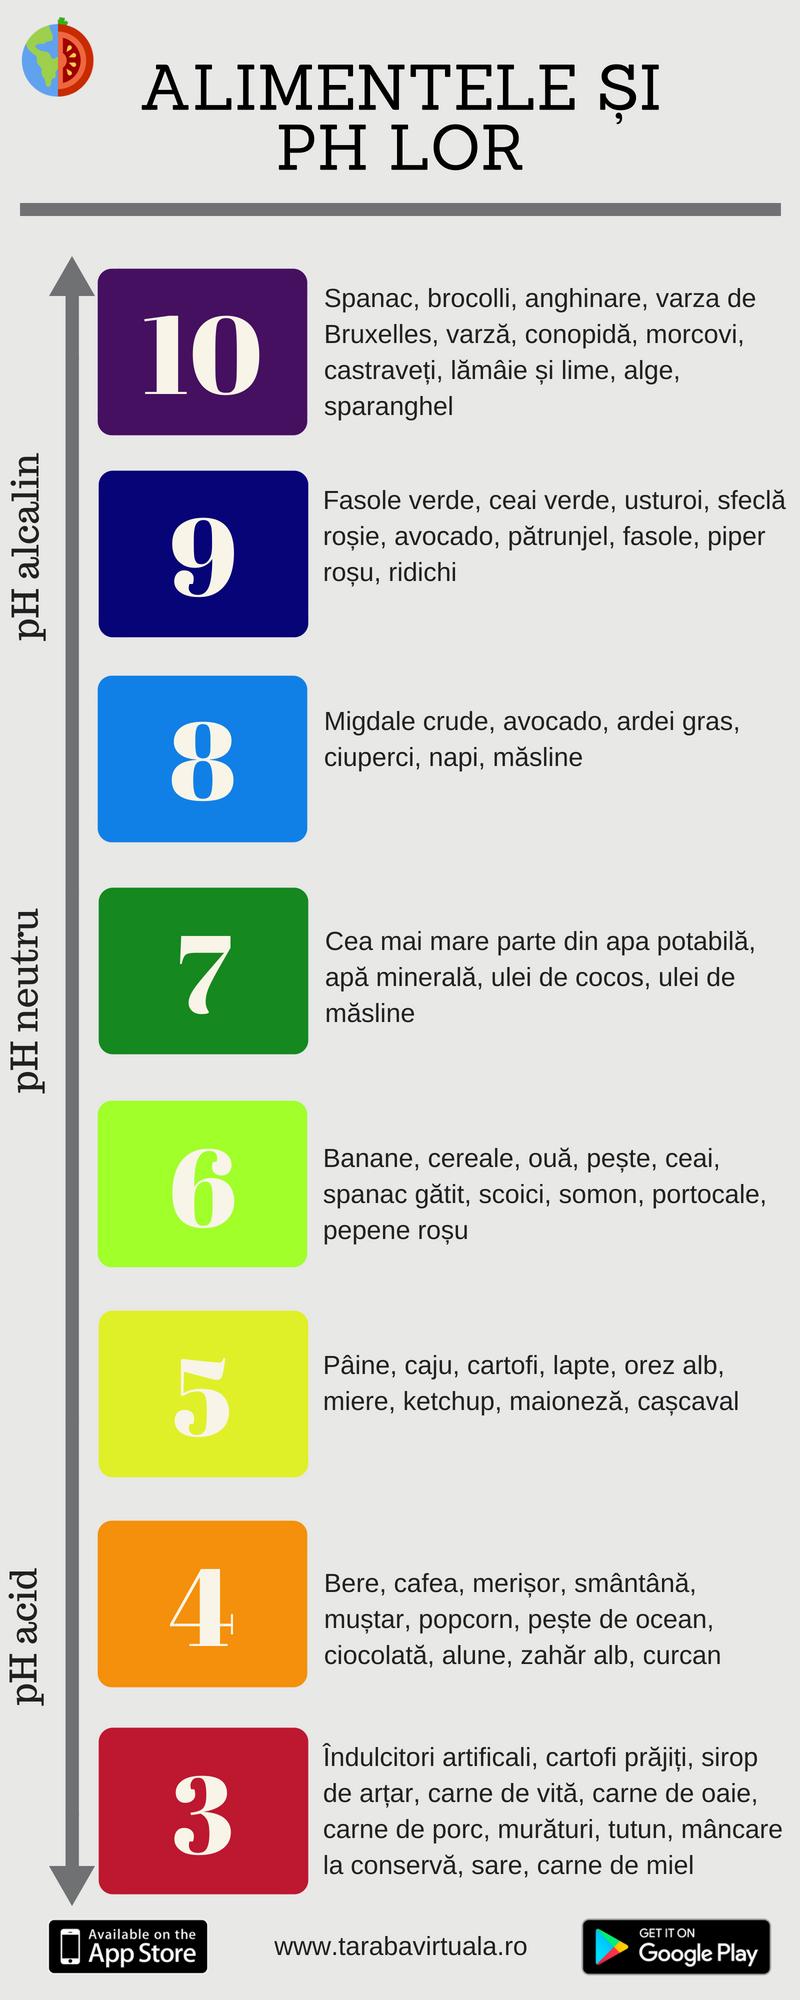 InfograficeTarabaVirtuala_alimAlcaline.png